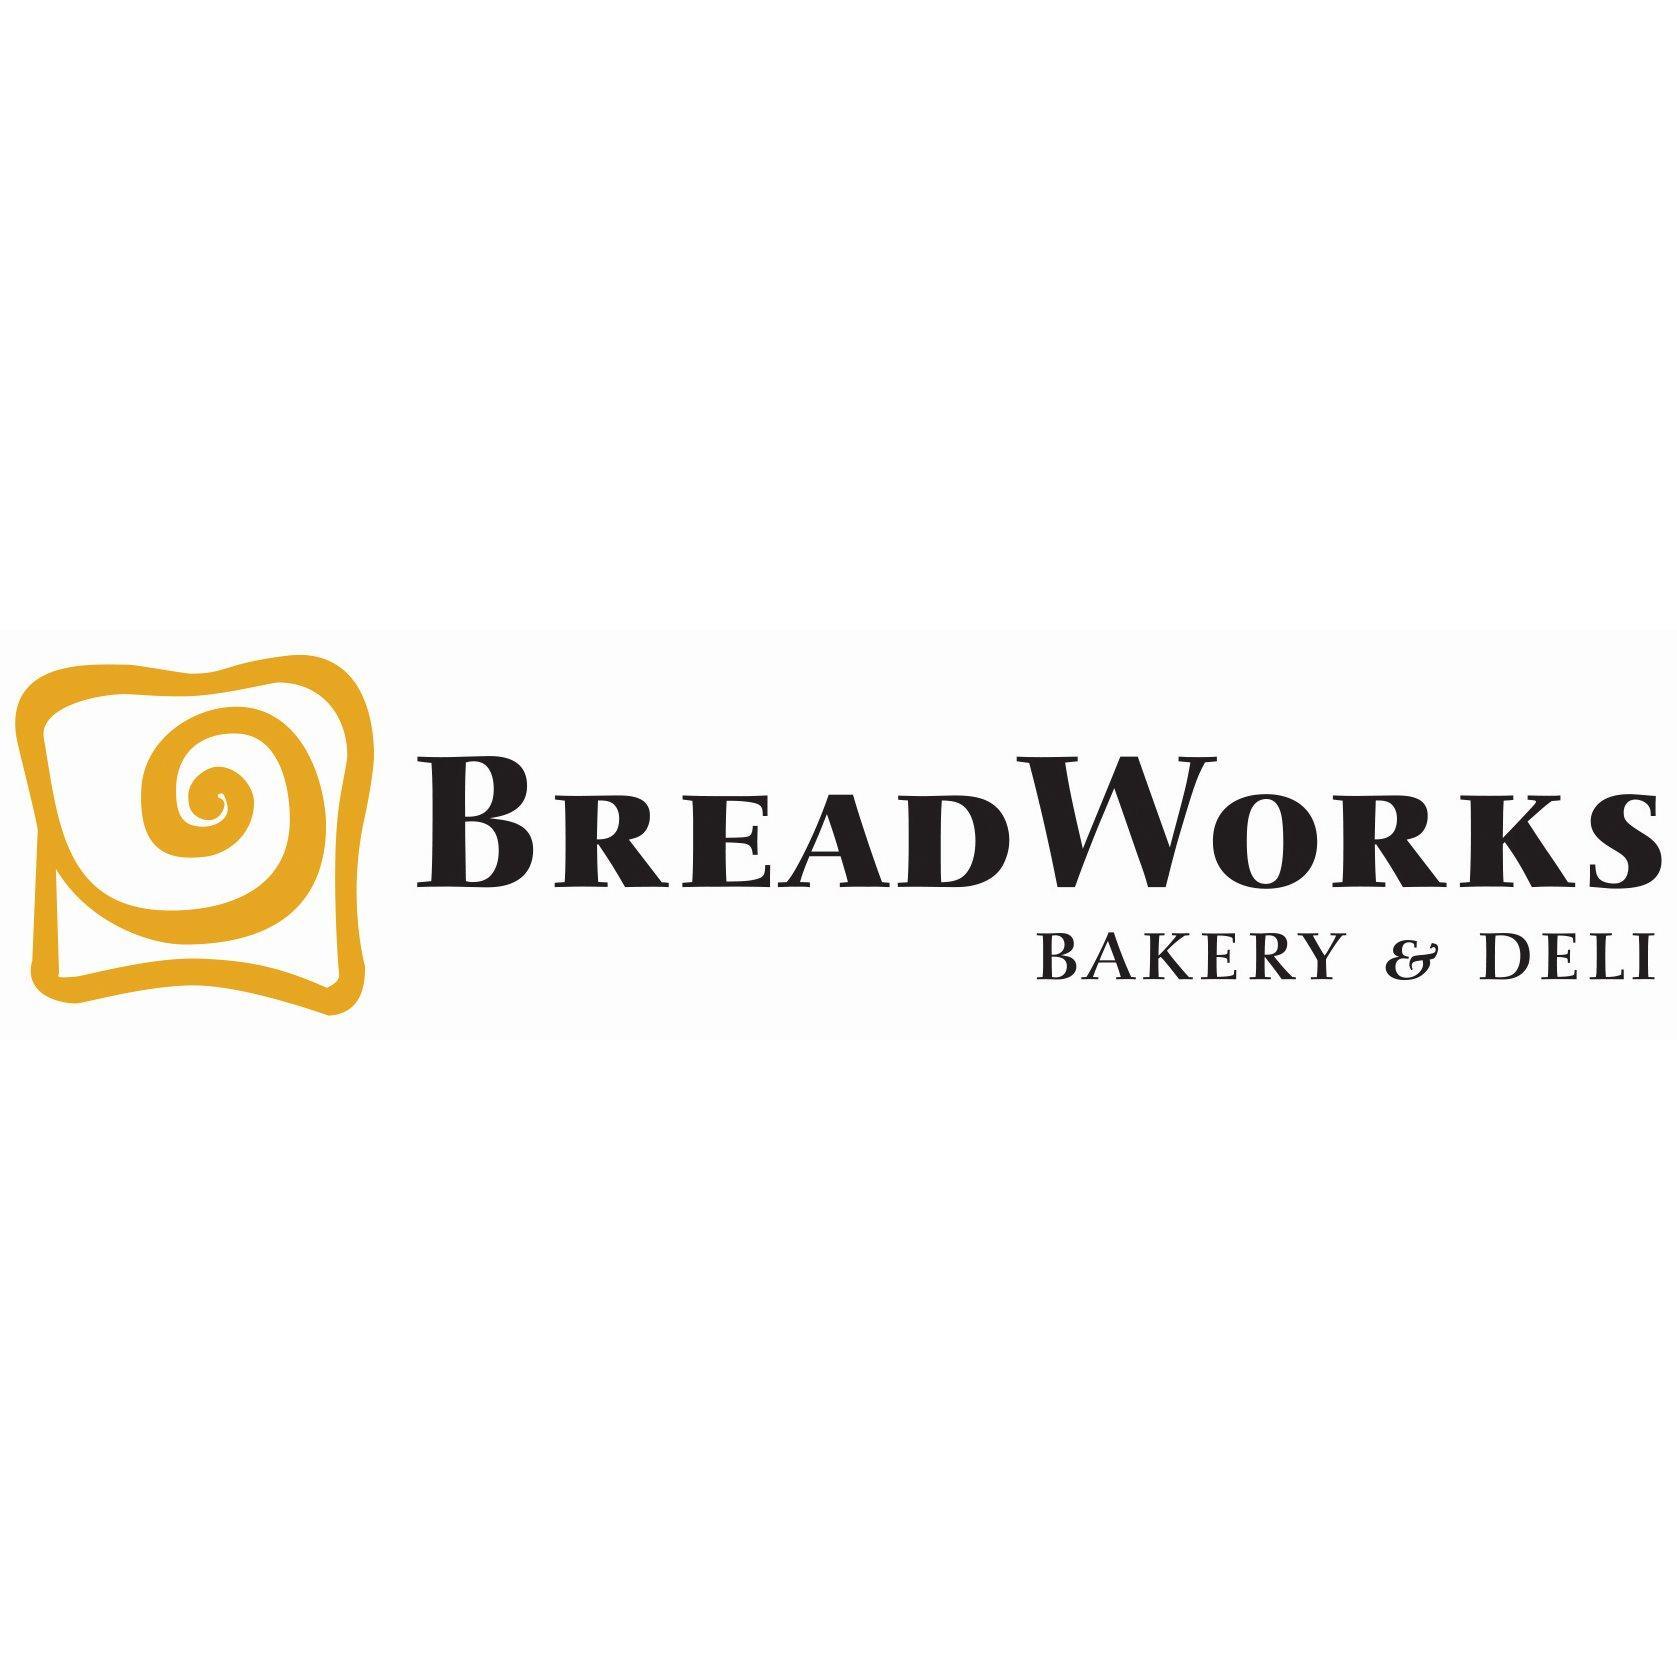 BreadWorks Bakery & Deli